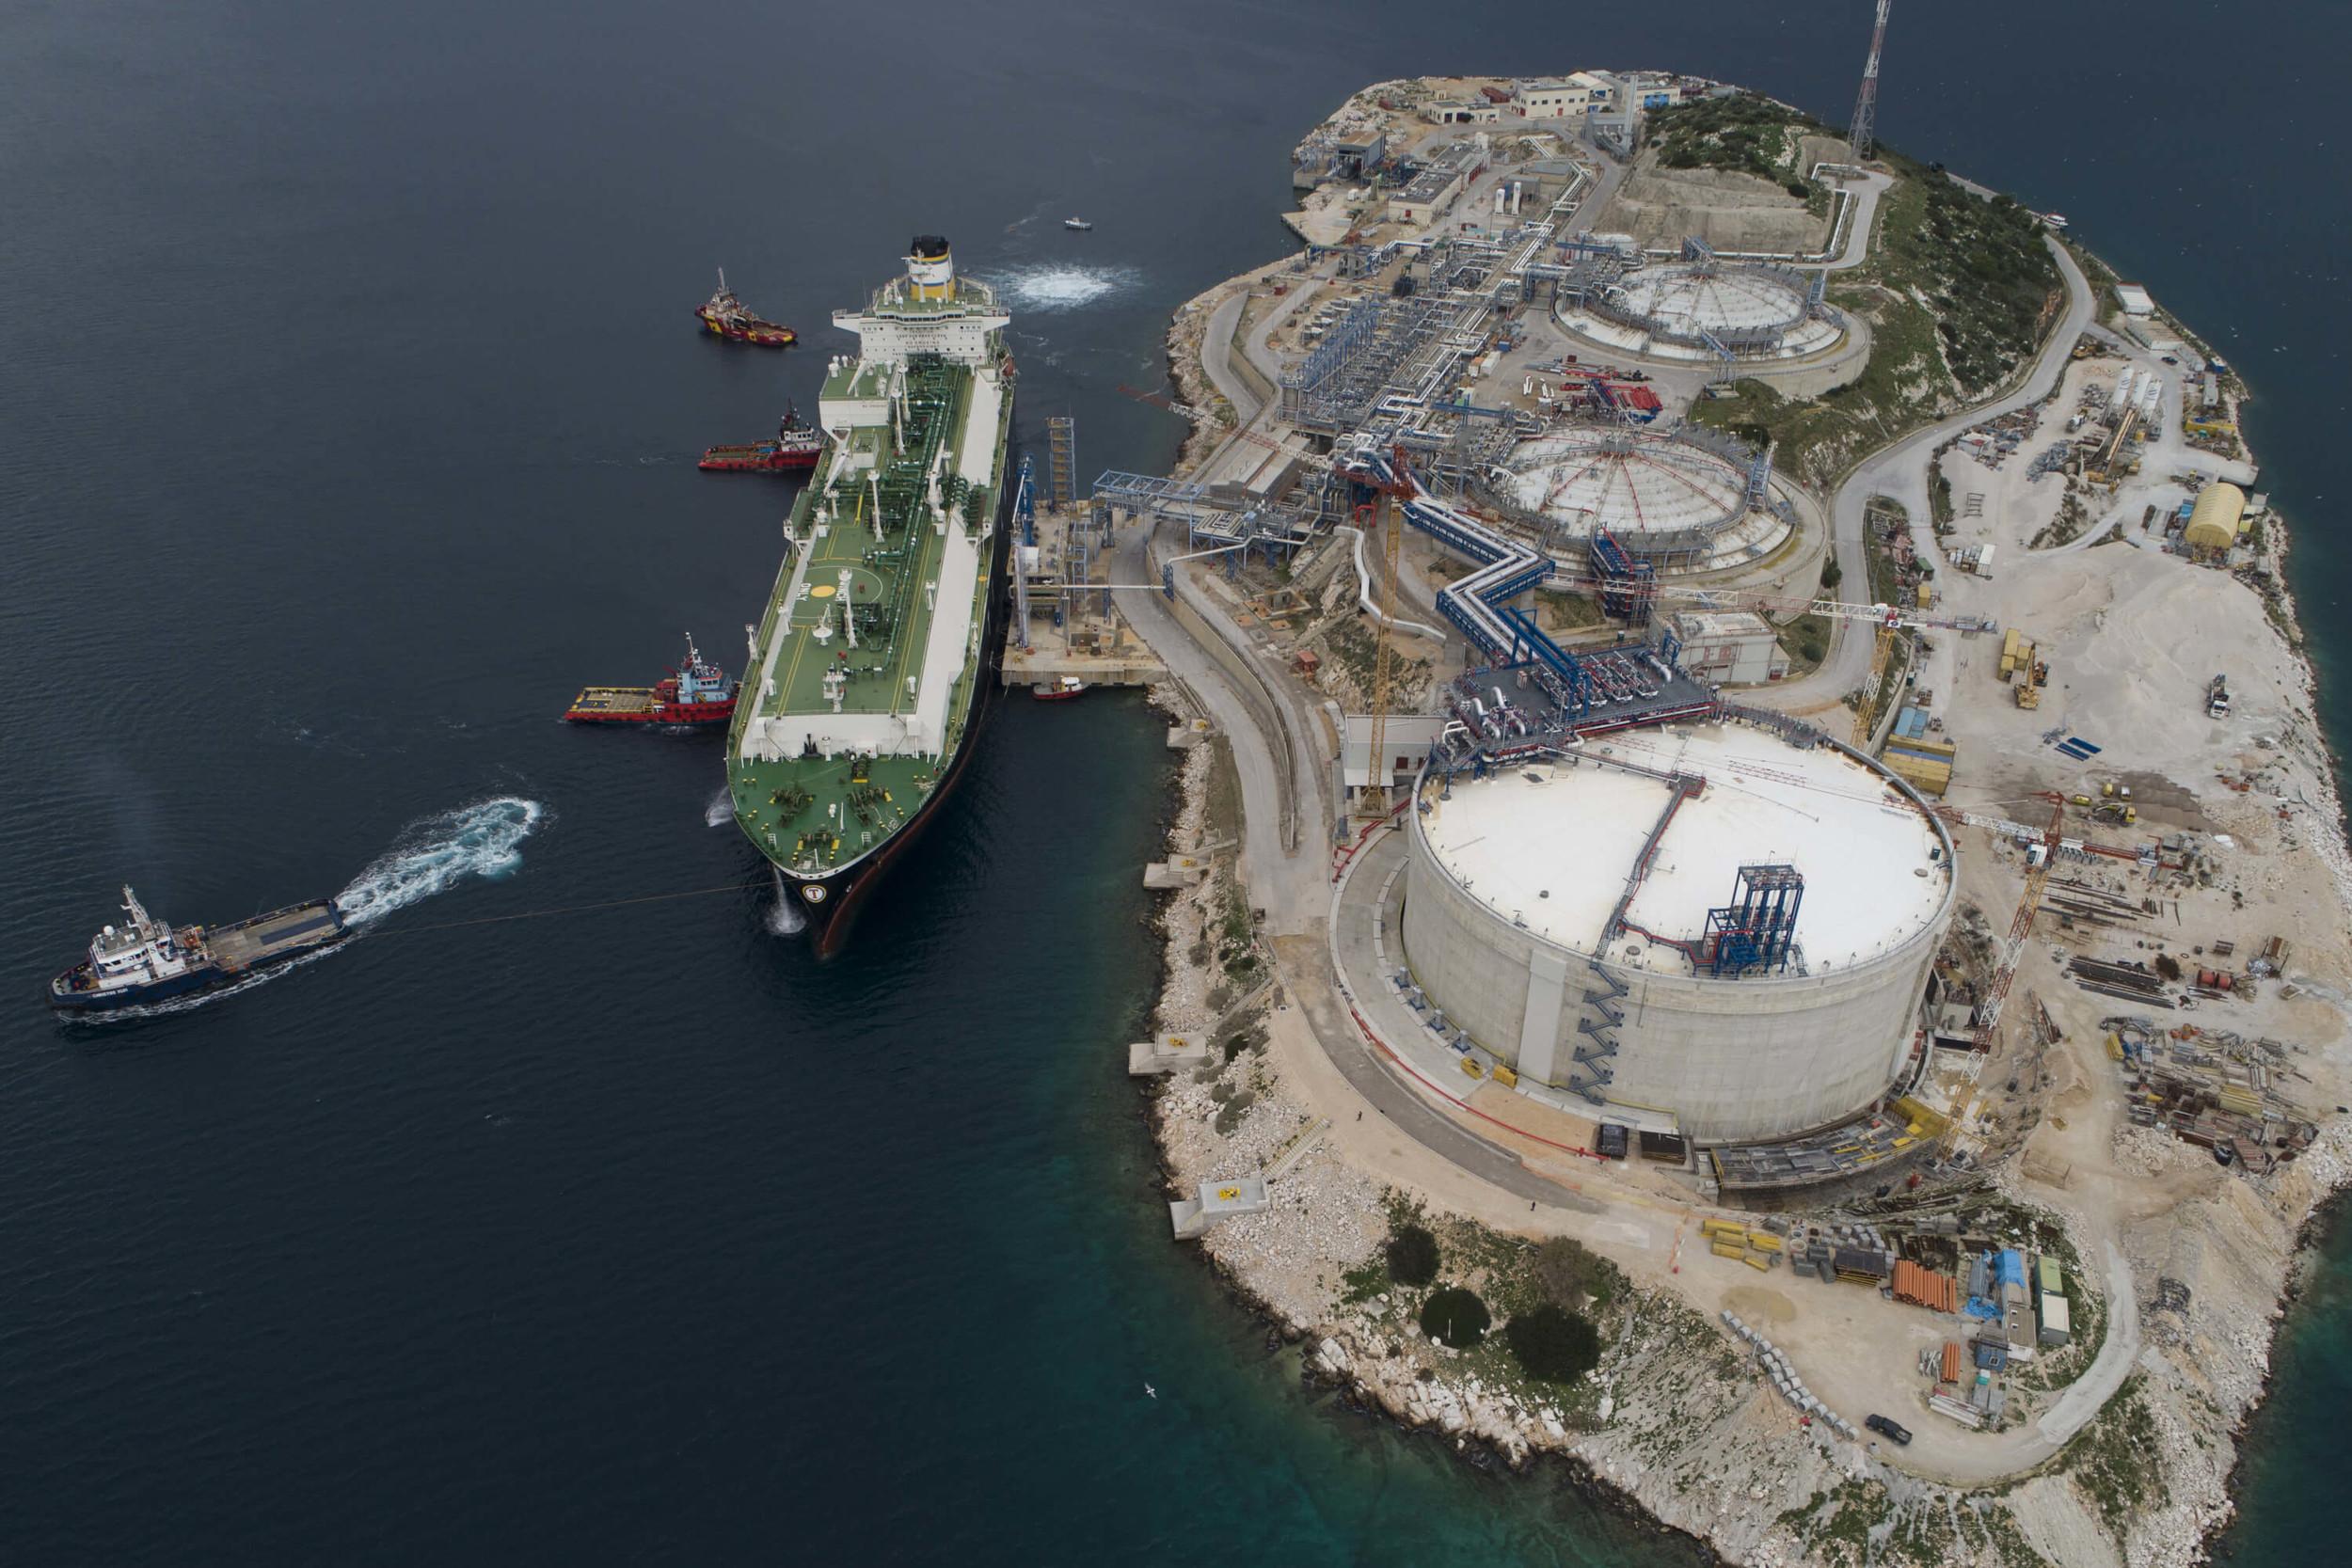 Импорт сжиженного газа в ЕС из США вырос за год на 181%, до 7.9 млрд кубометров